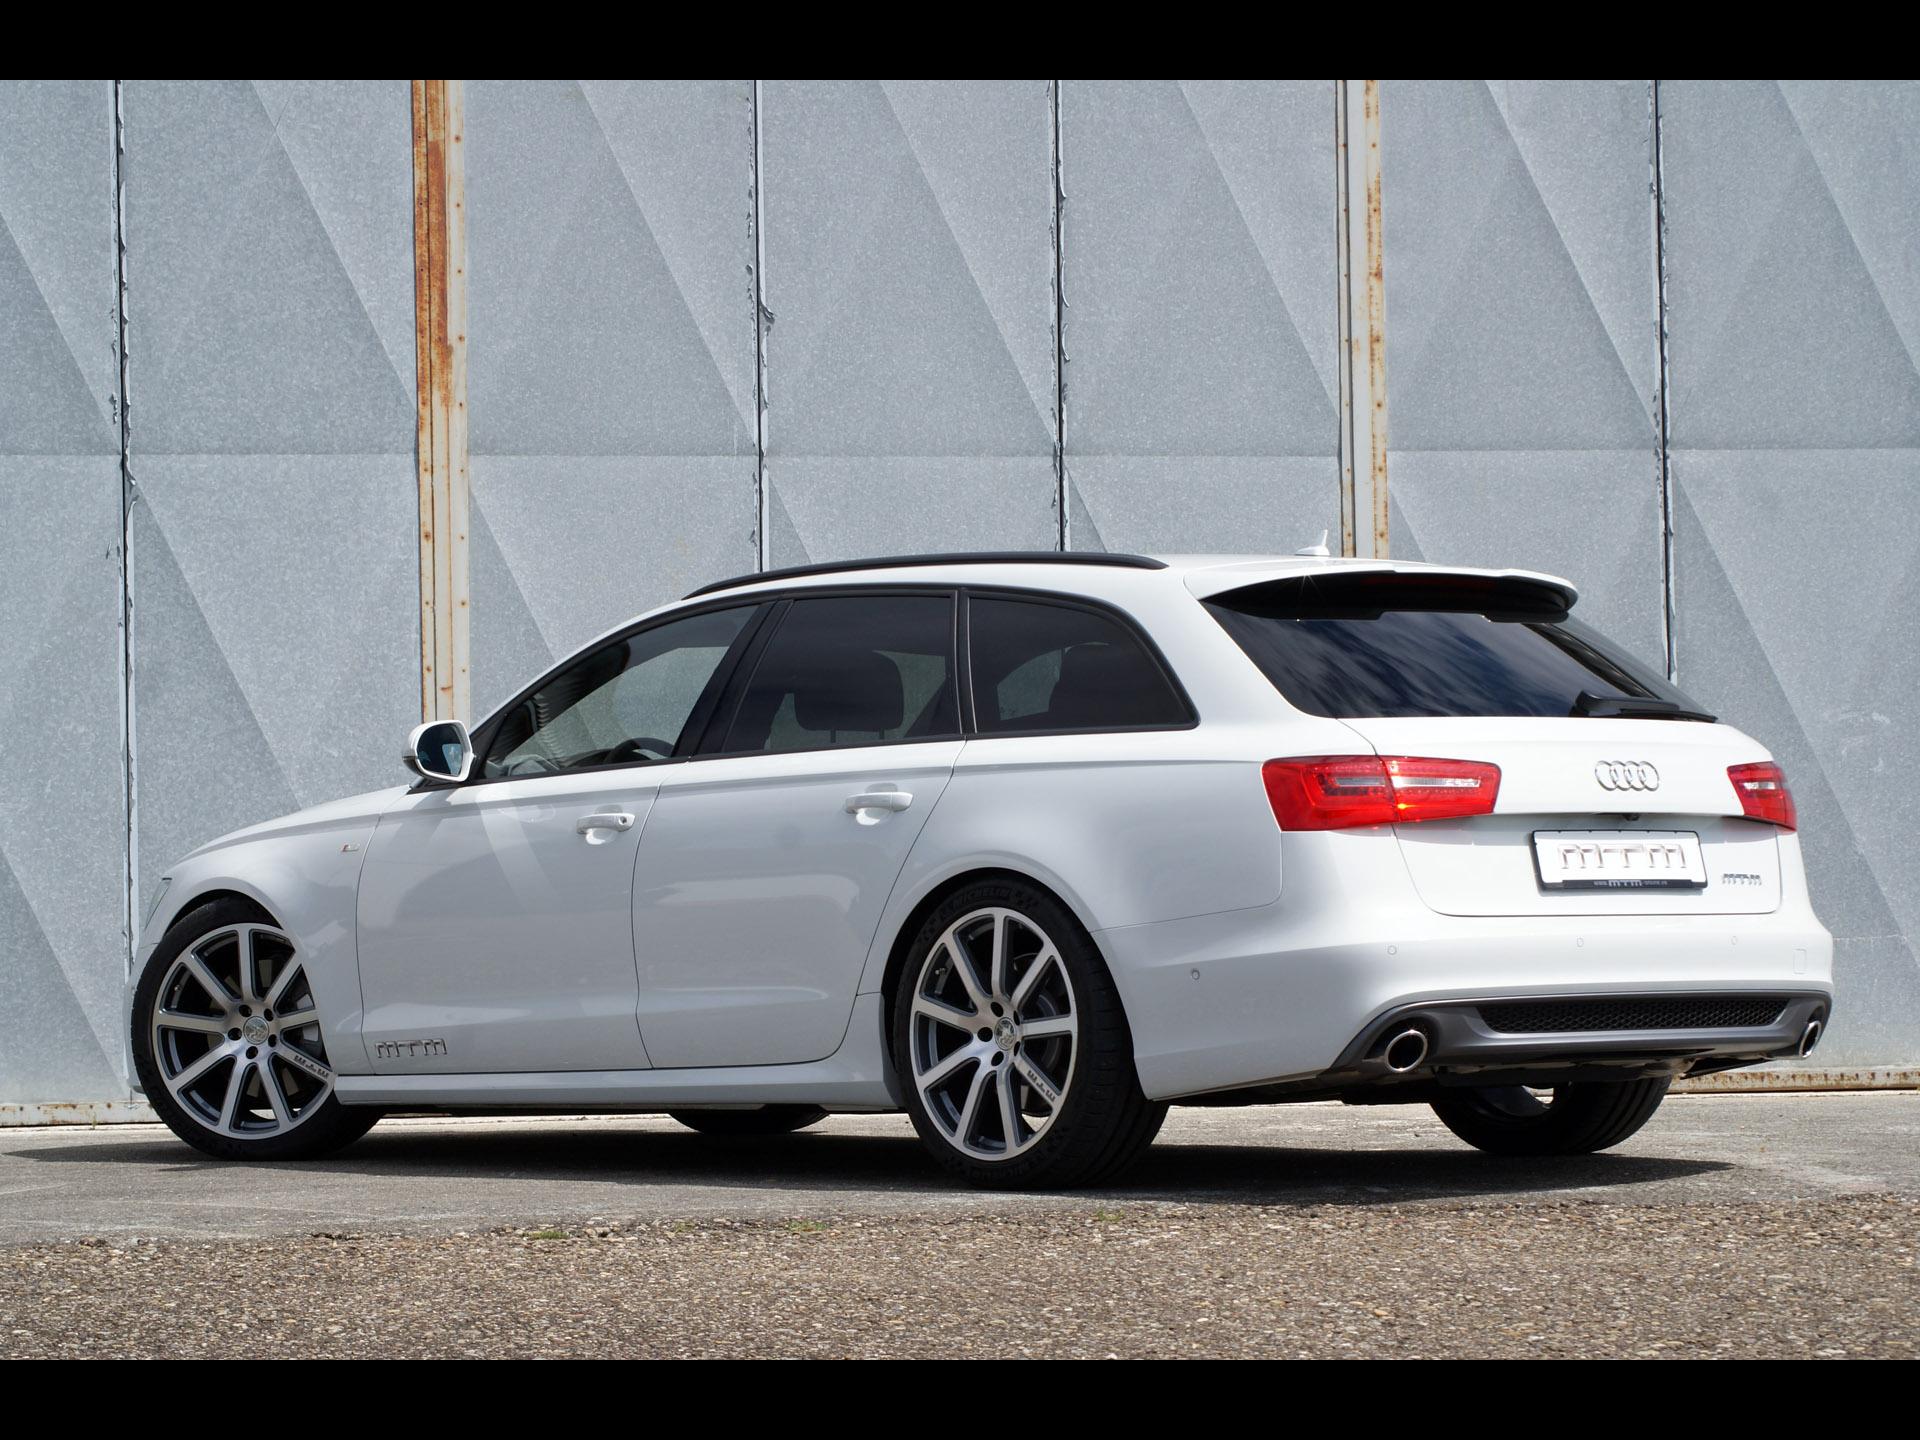 Mtm Audi A6 Avant 3 0 Bitdi Quattro S Line 2012 アウディに